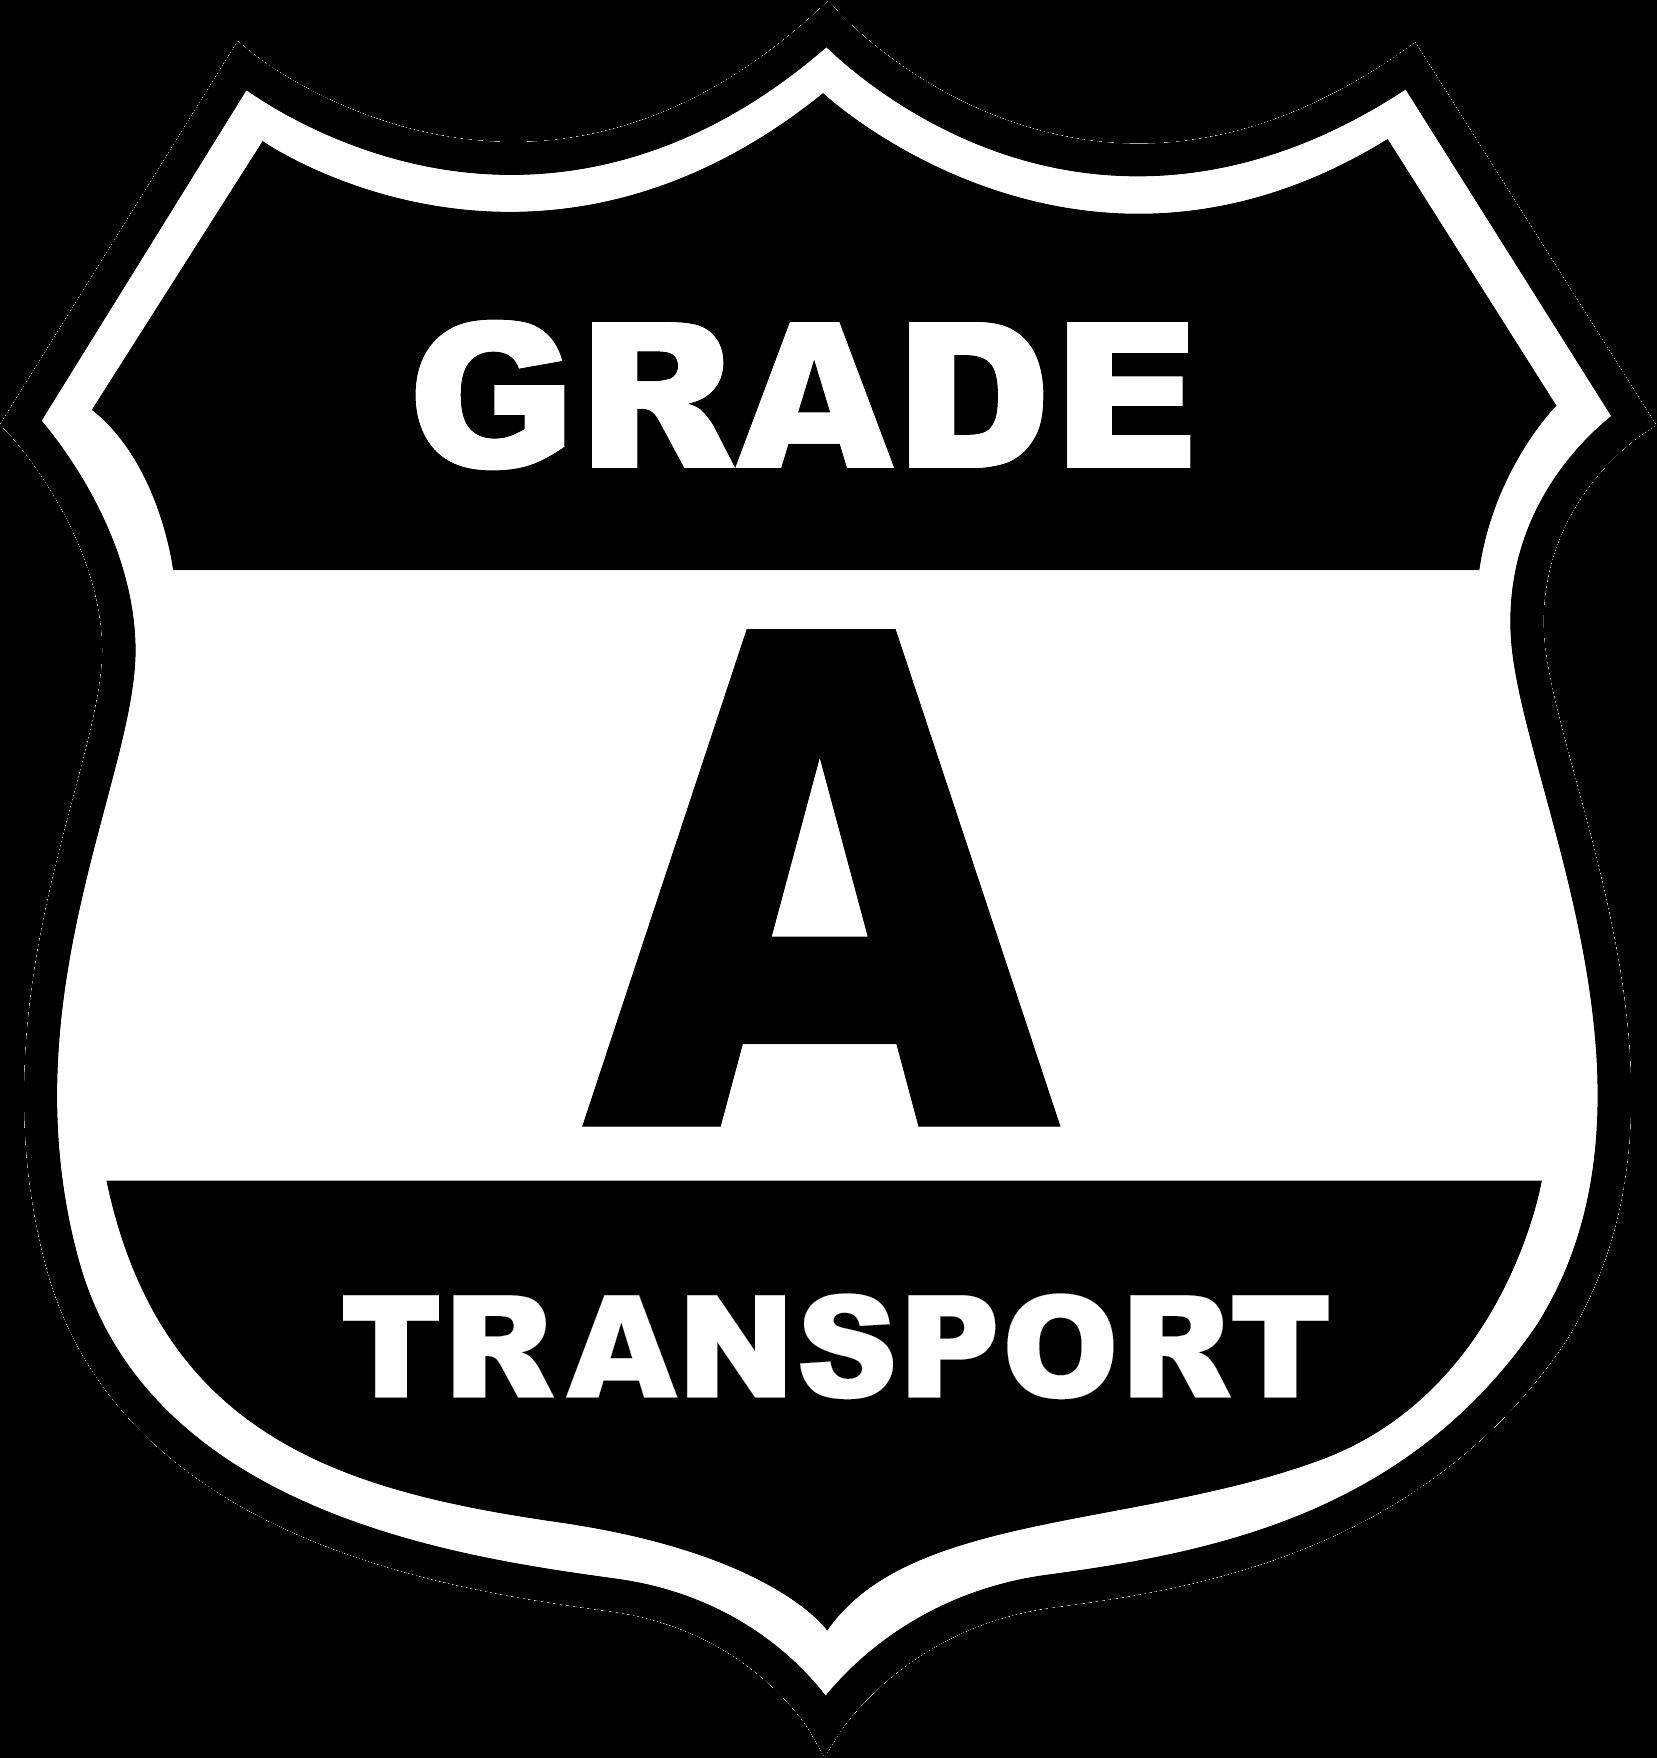 grade A transport